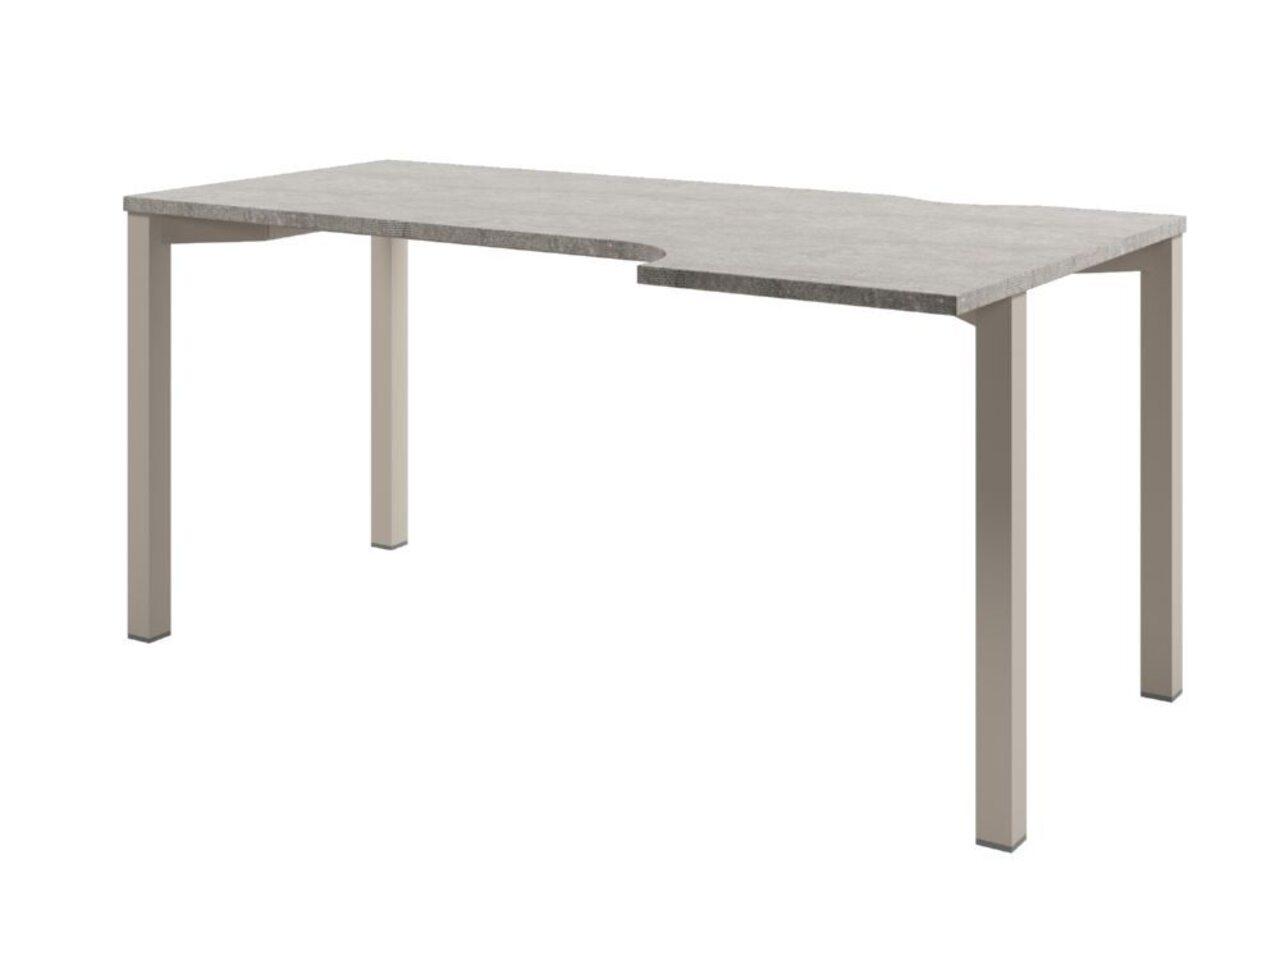 Стол на металлокаркасе  Solution 160x70x75 - фото 1